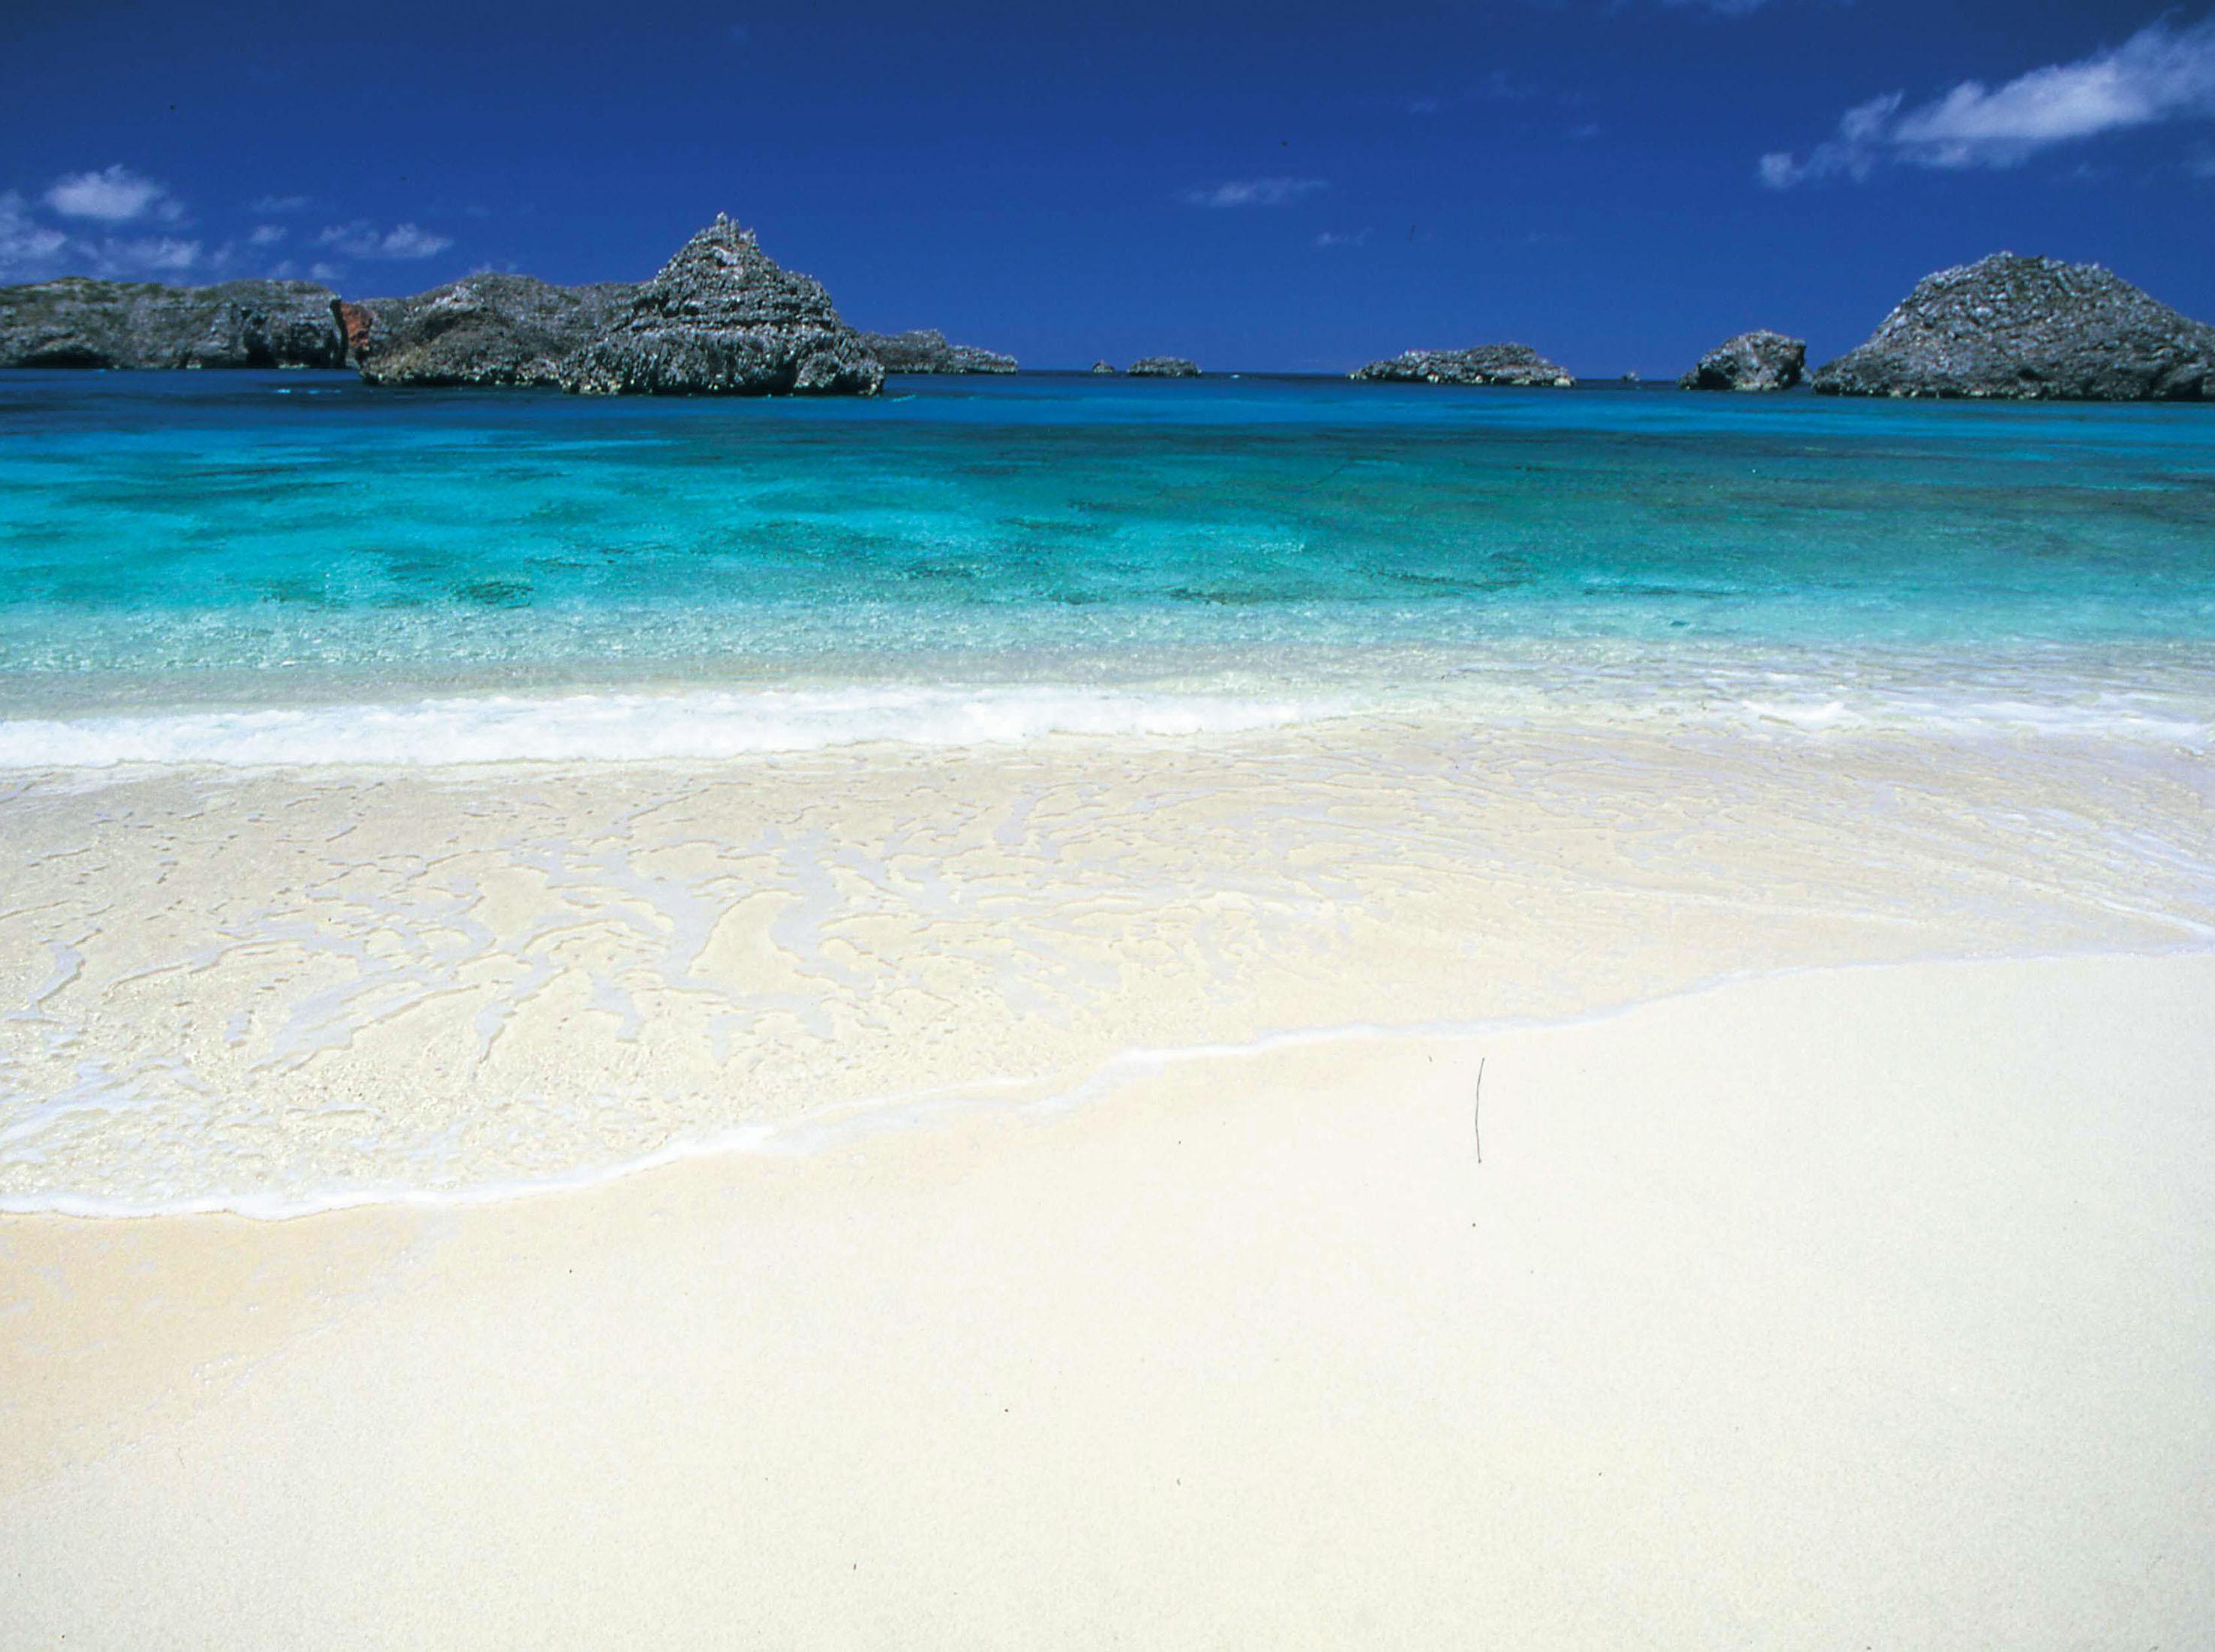 ジニービーチのイメージ